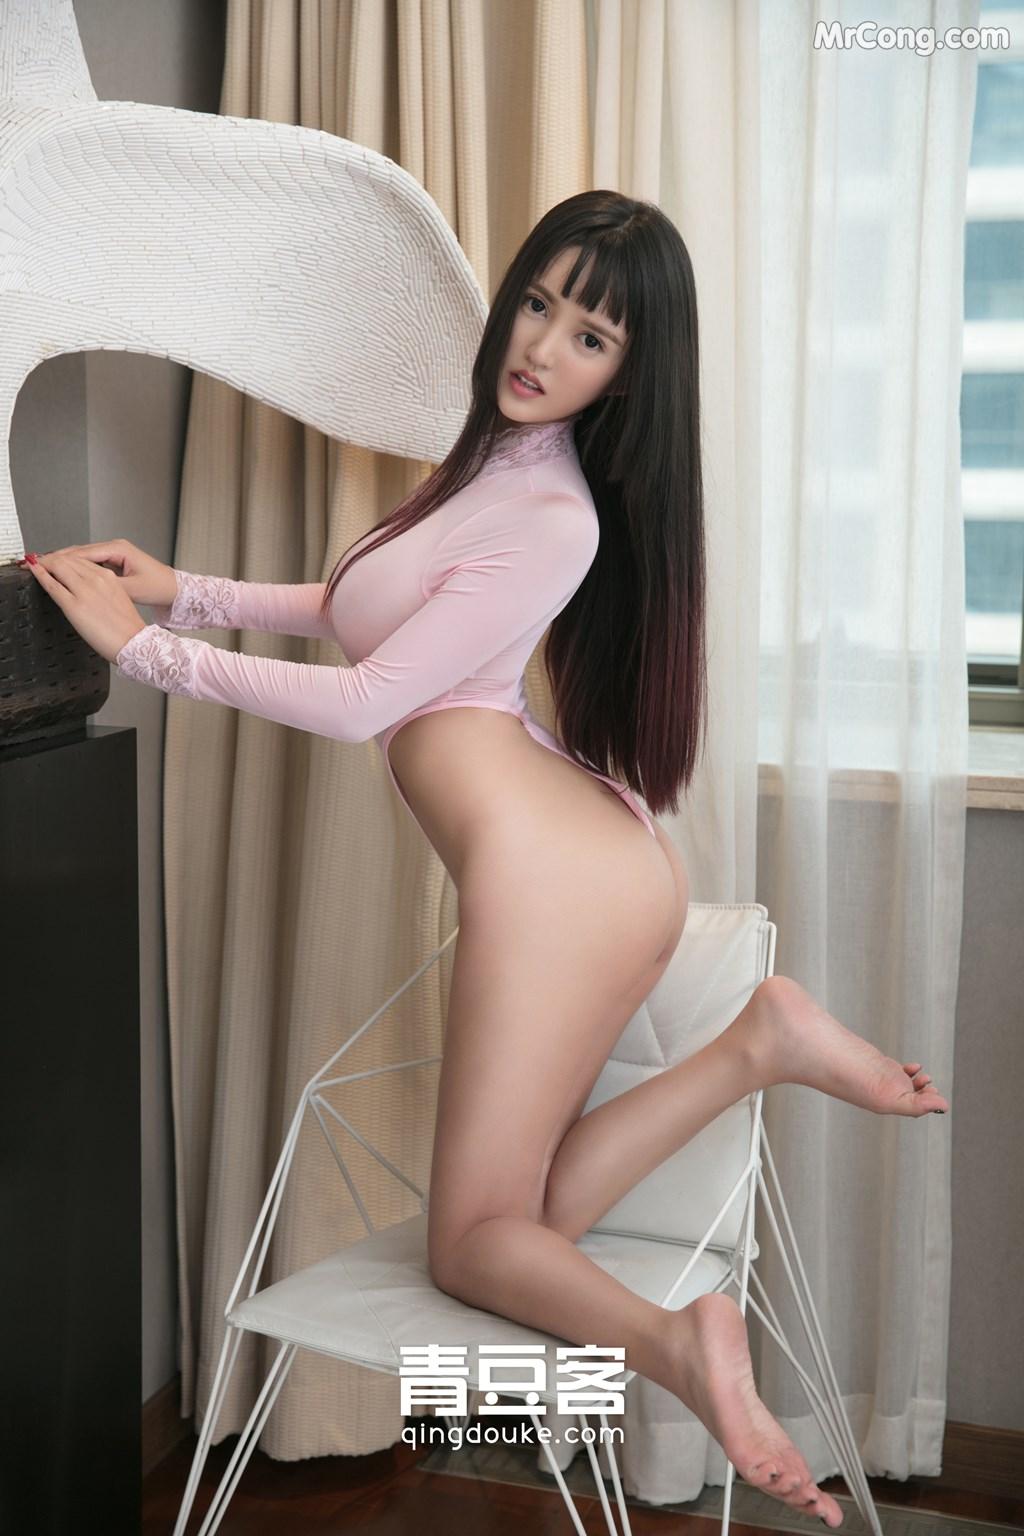 Image QingDouKe-2017-11-16-Bai-Yi-Han-MrCong.com-004 in post QingDouKe 2017-11-16: Người mẫu Bai Yi Han (白一晗) (51 ảnh)